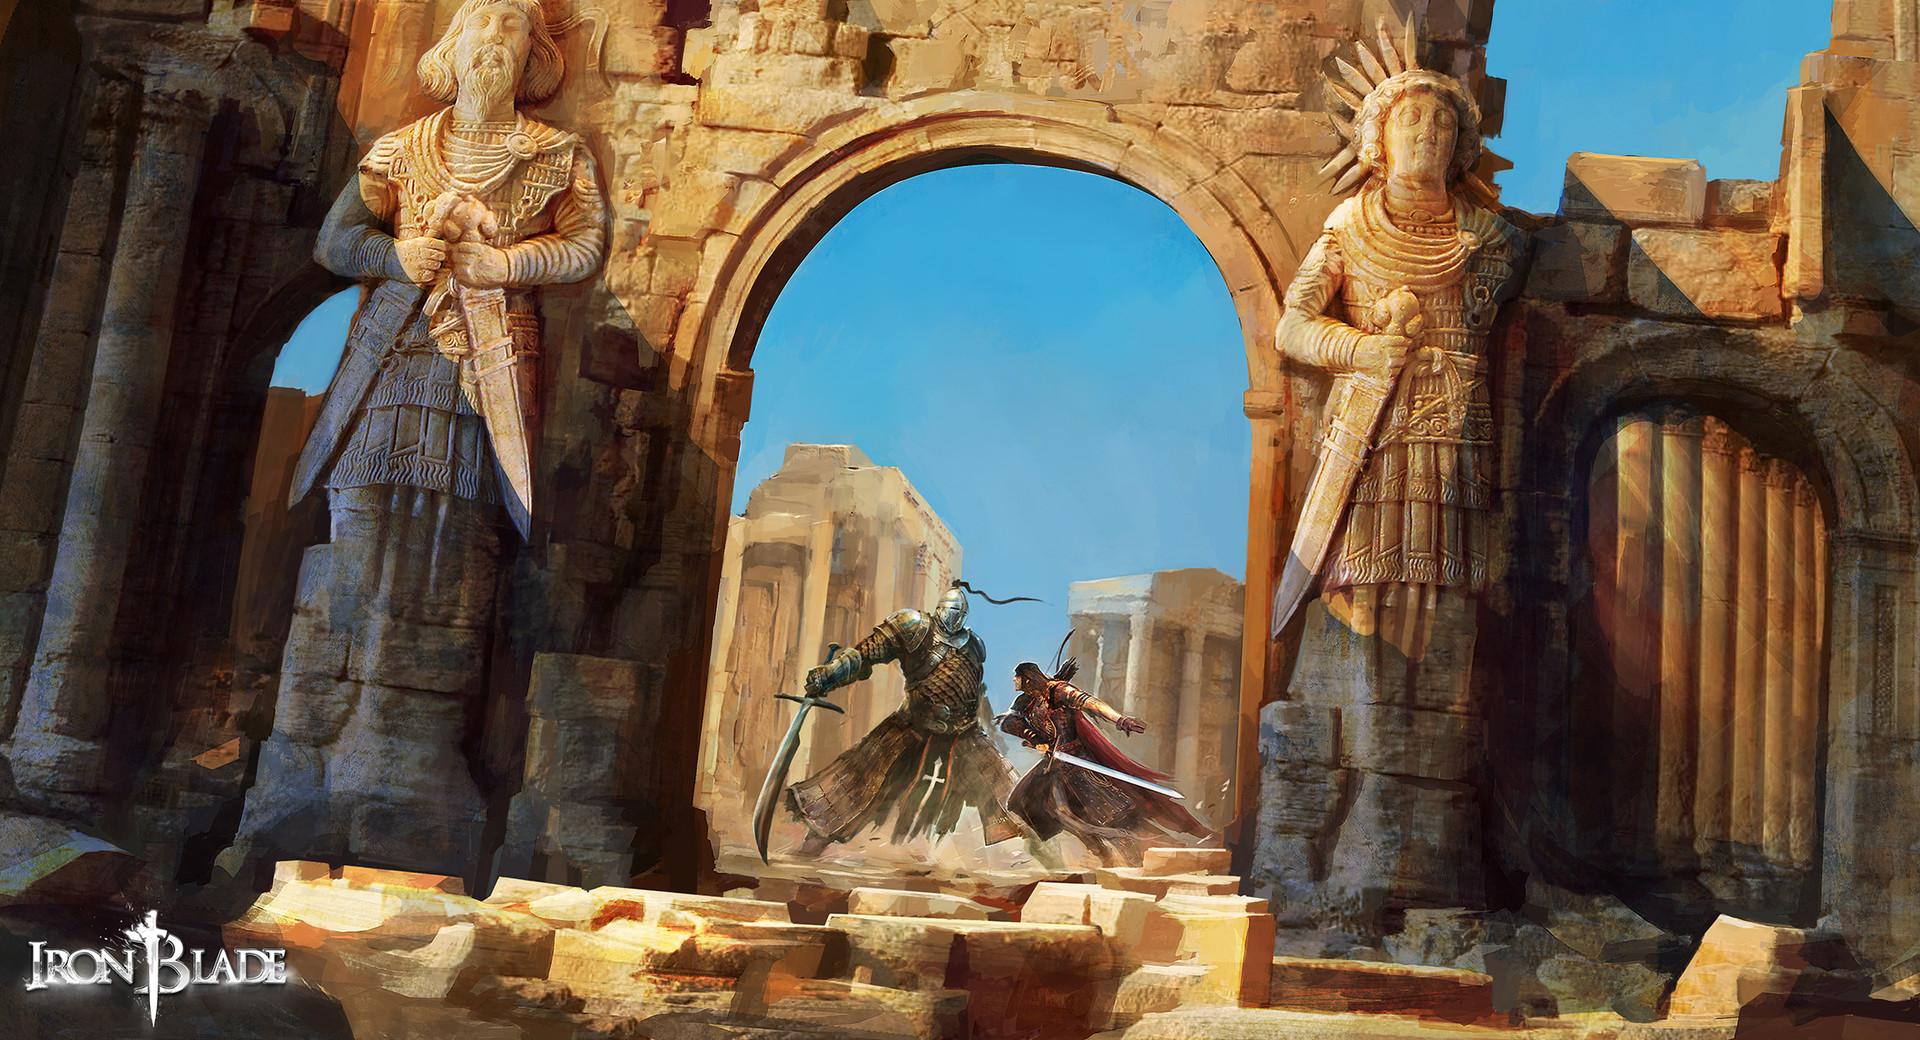 Alexandre chaudret gca fantasy illustration 04